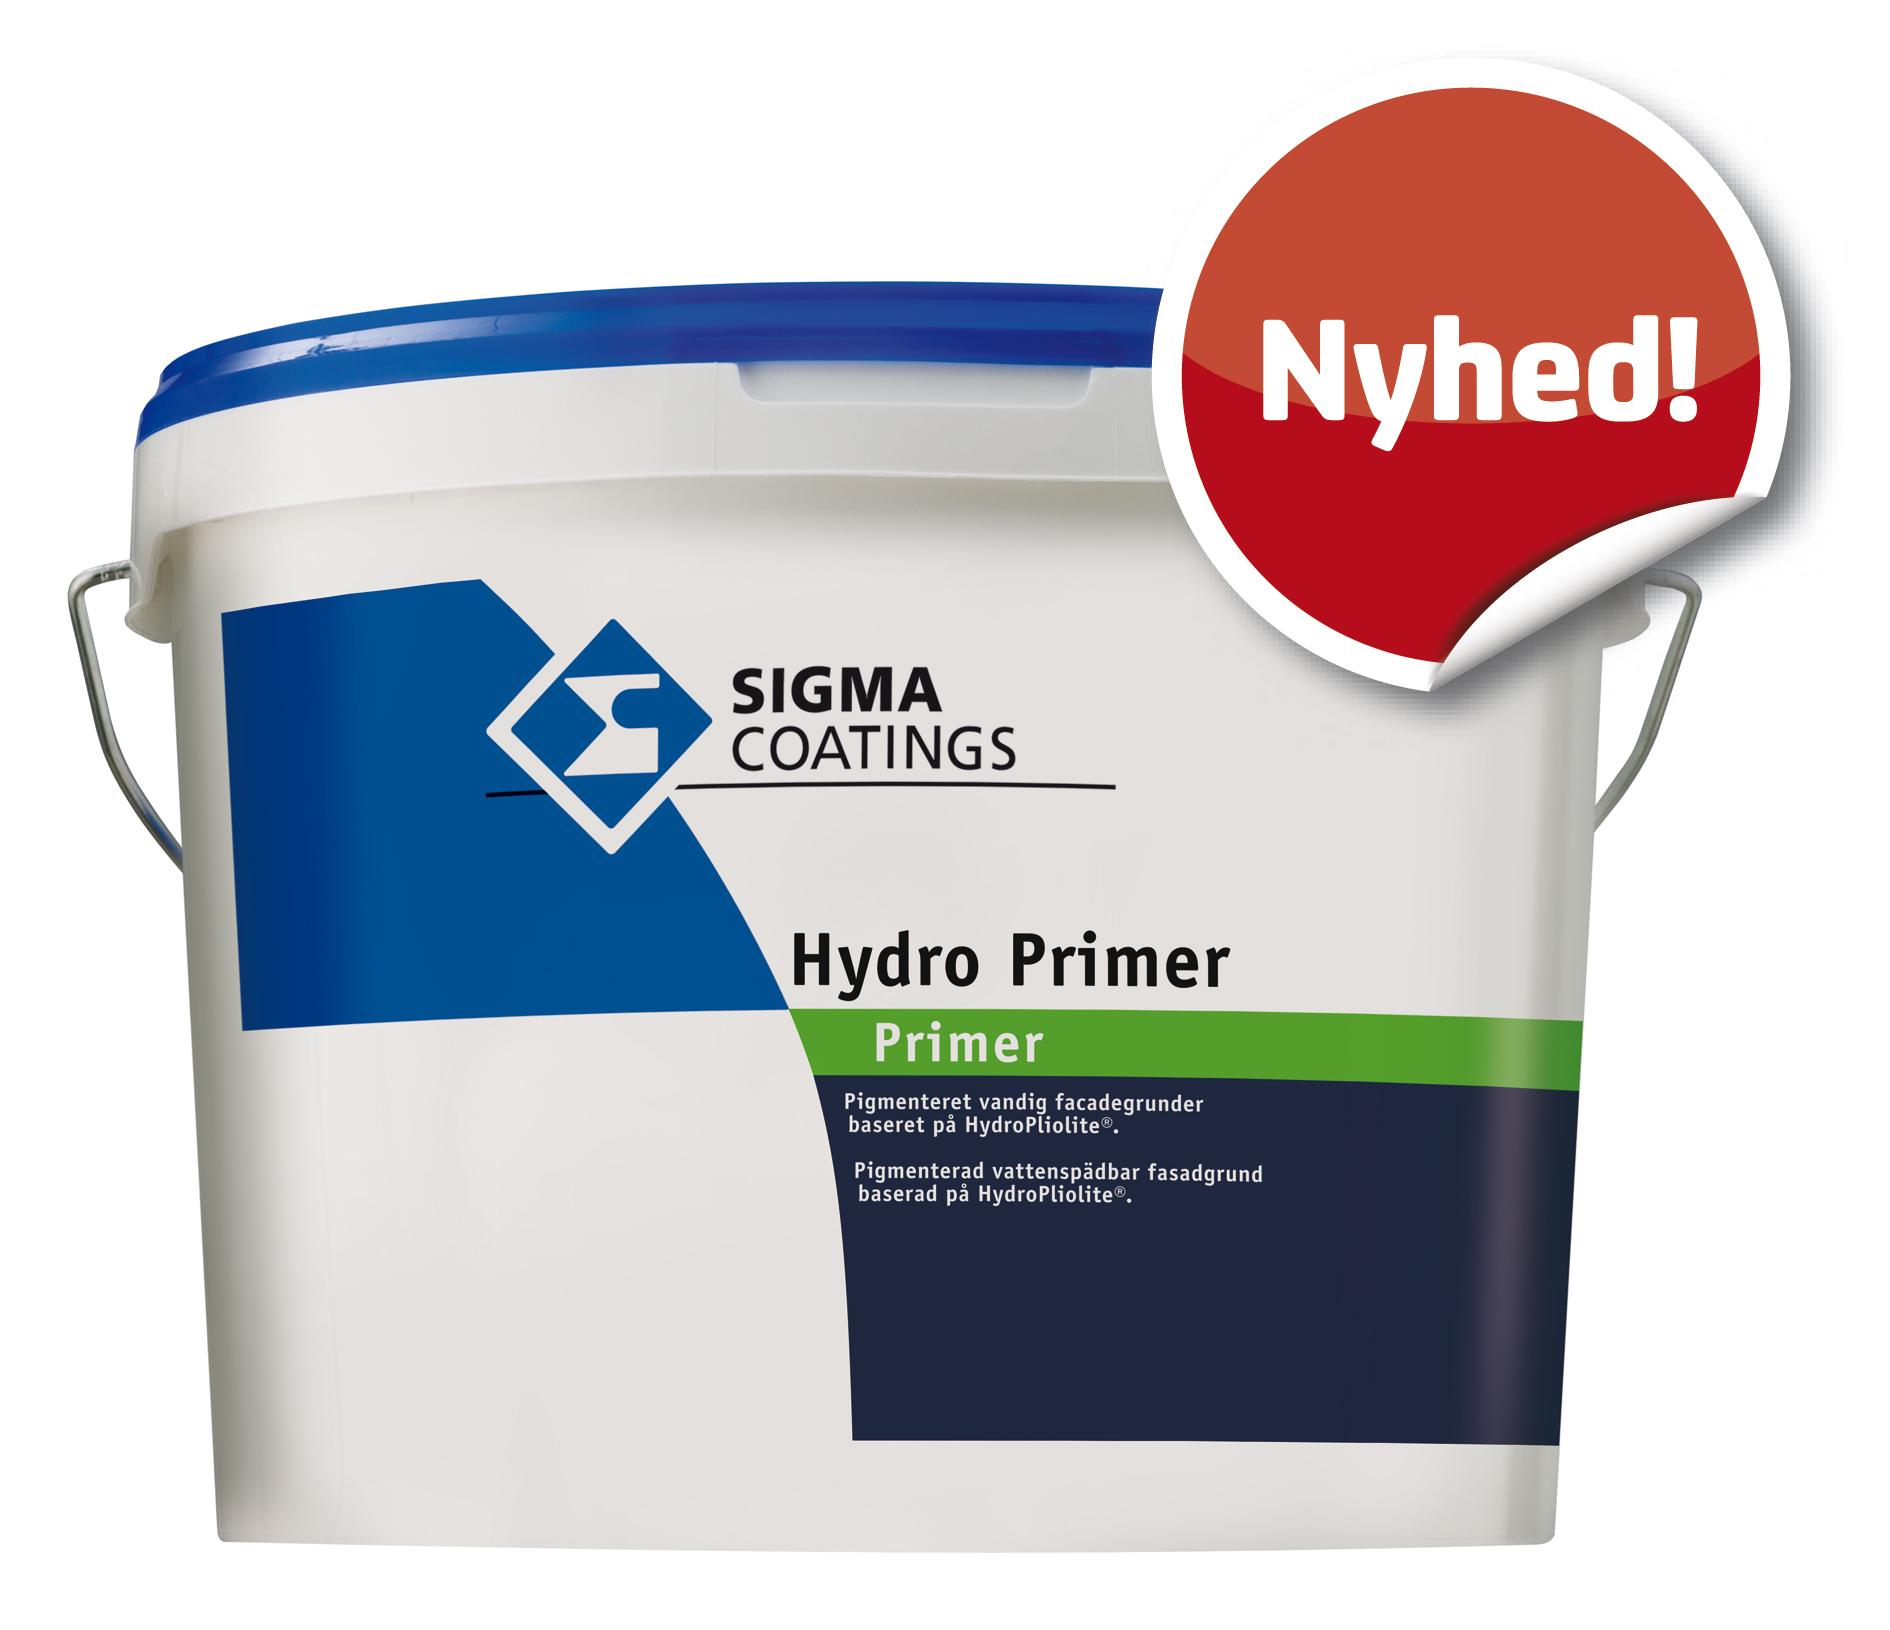 Hydro Primer